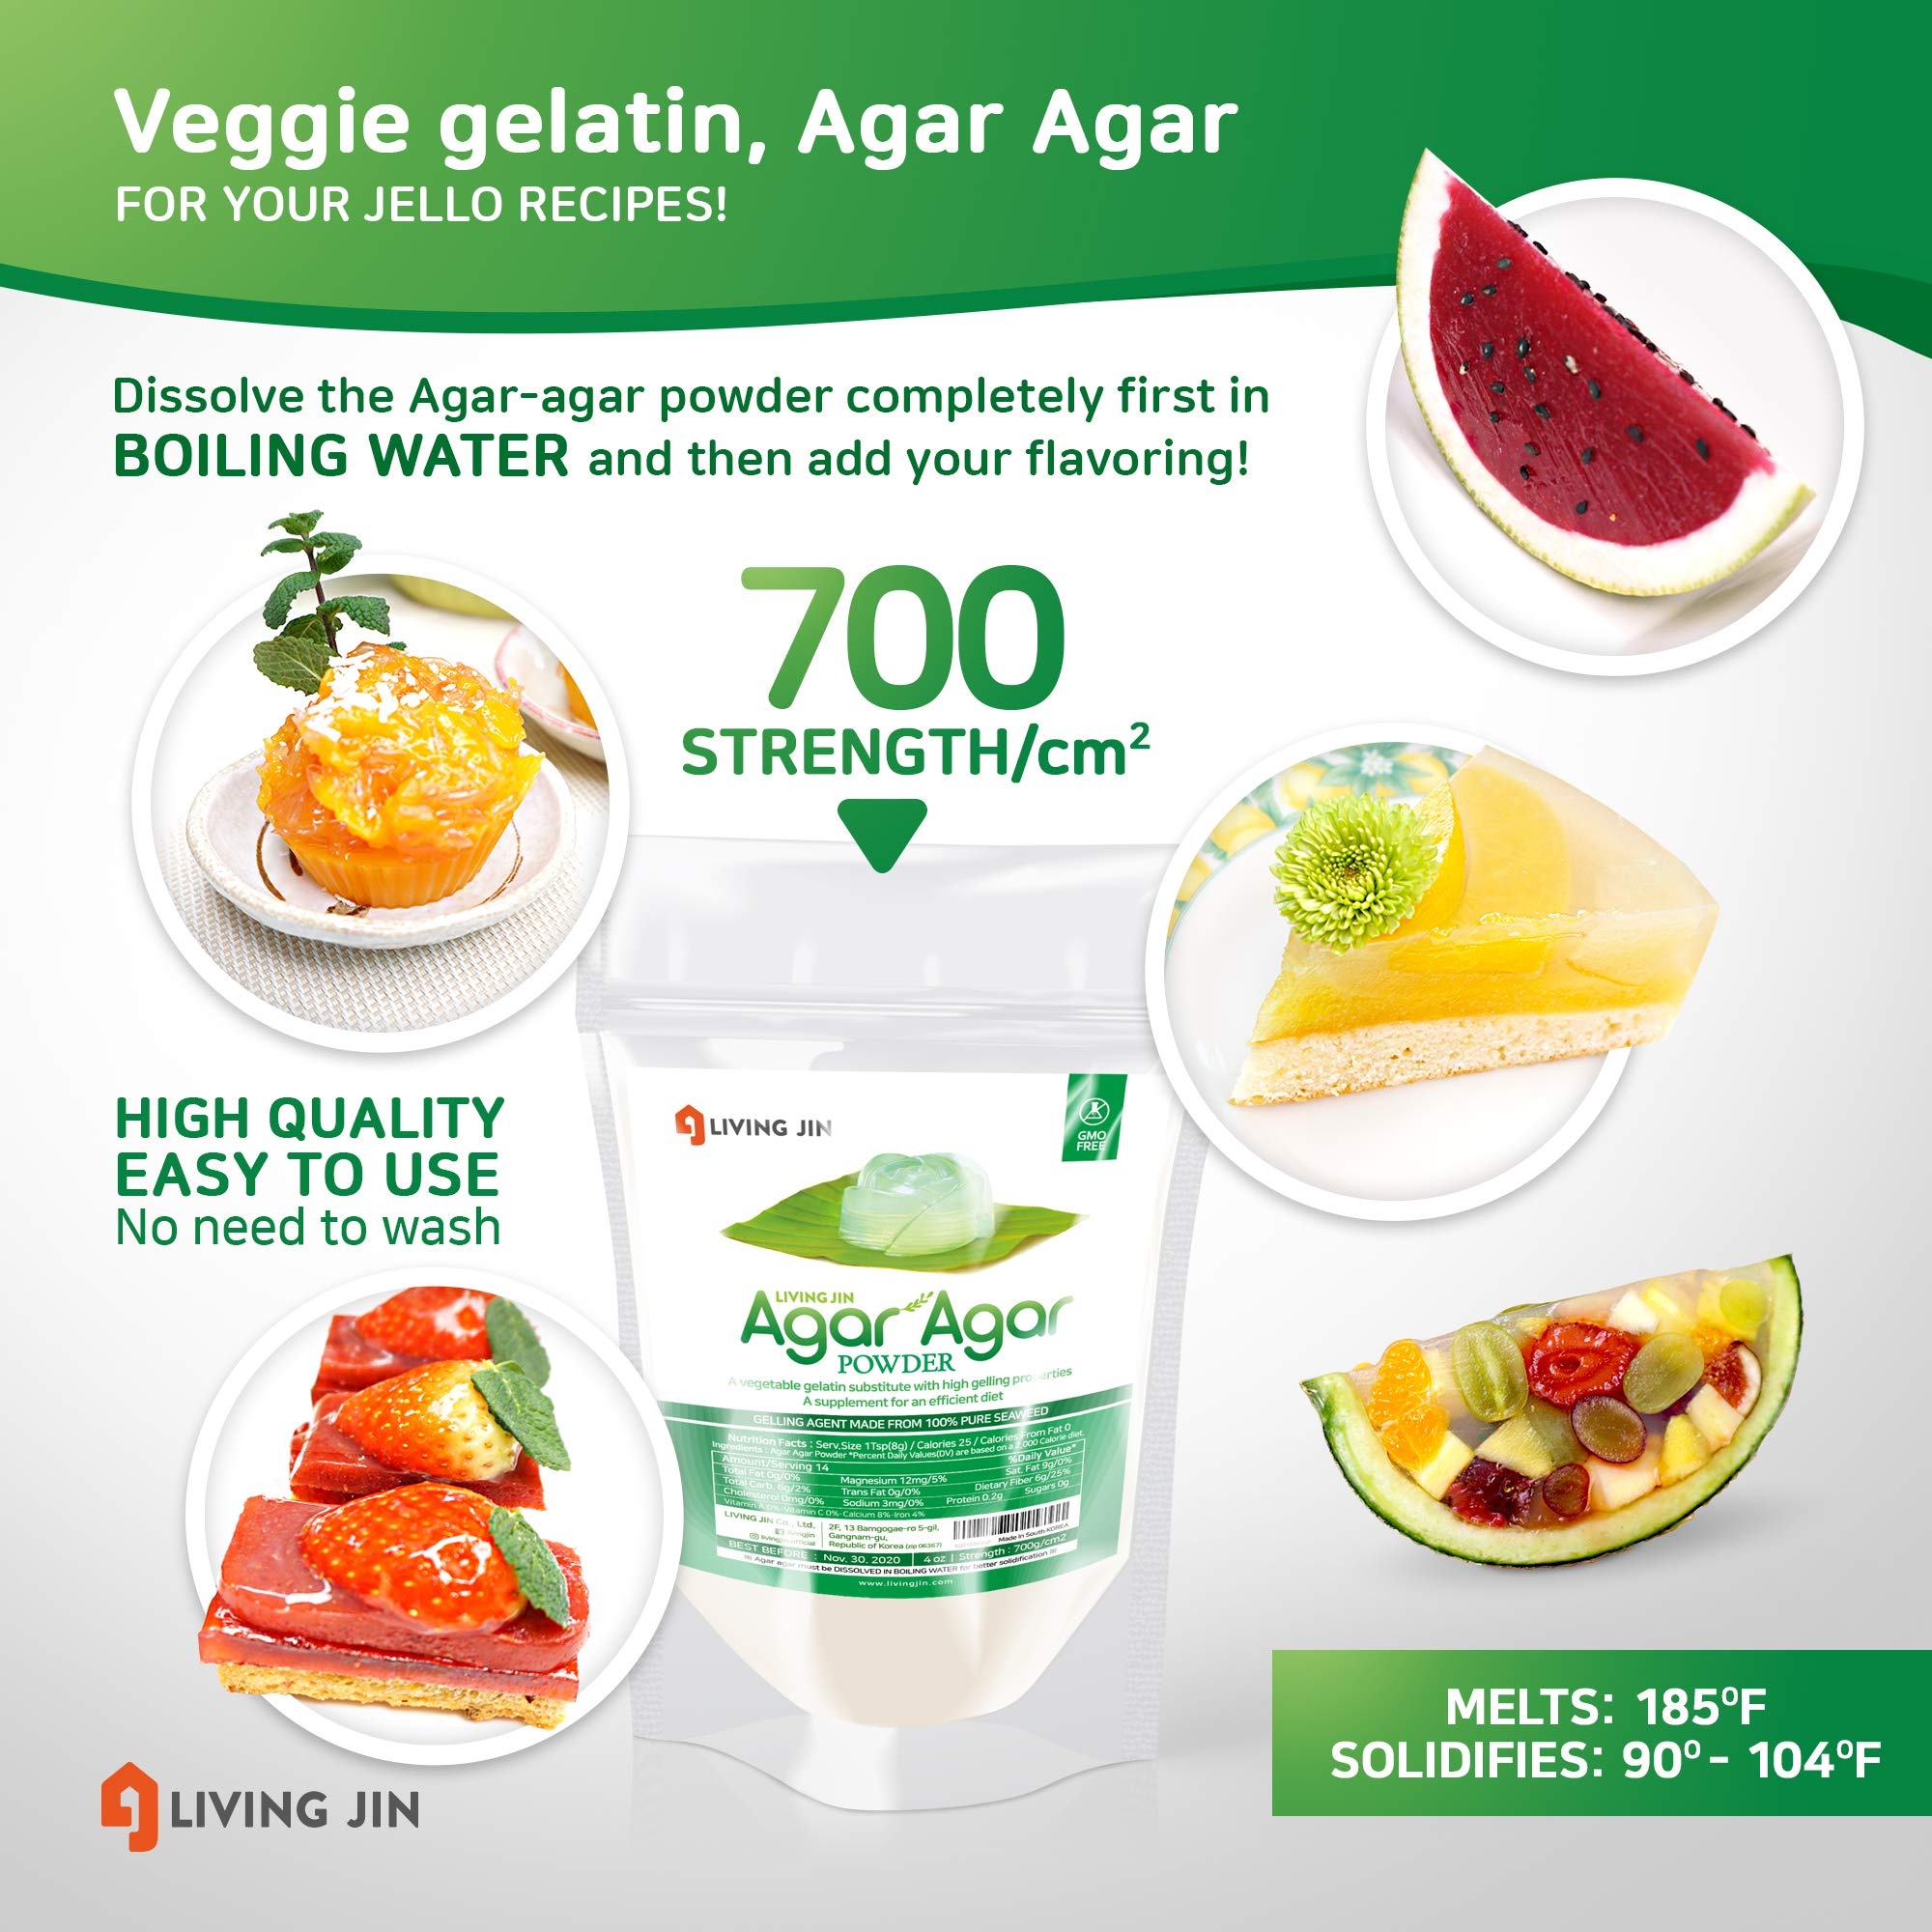 LIVING JIN Agar Agar Powder 12oz (or 4oz | 28oz) : Vegetable Gelatin Powder Dietary Fiber [100% Natural Seaweed + Non GMO + VEGAN + VEGETARIAN + KOSHER + HALAL] by LIVING JIN (Image #3)